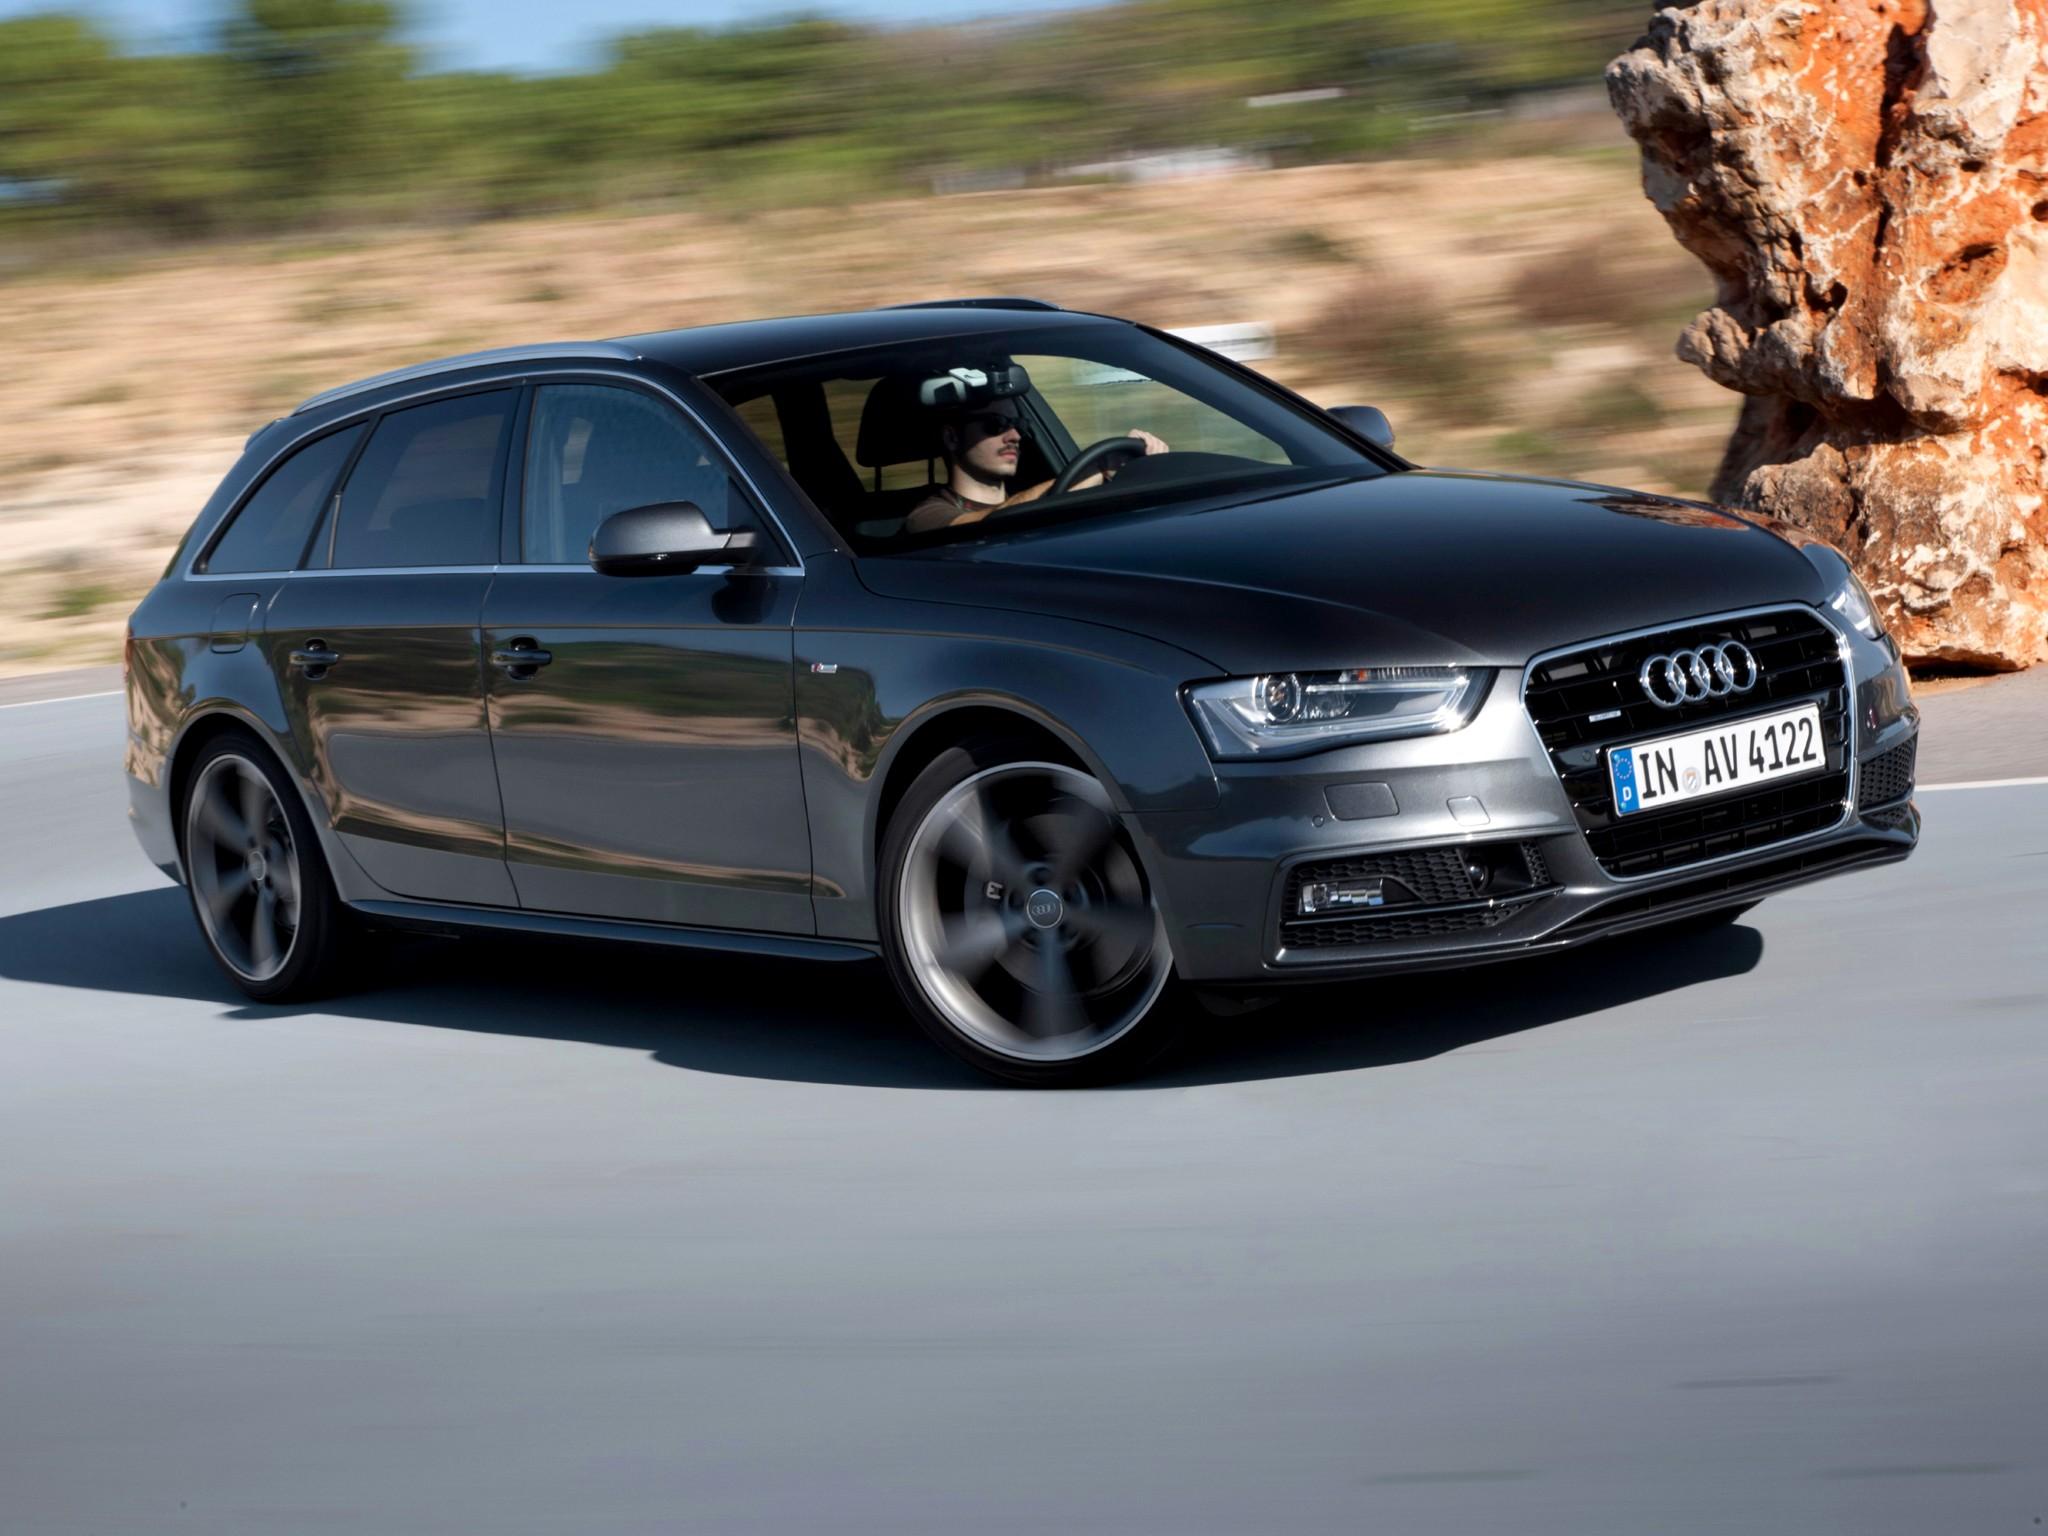 Kekurangan Audi A4 Avant 2014 Murah Berkualitas